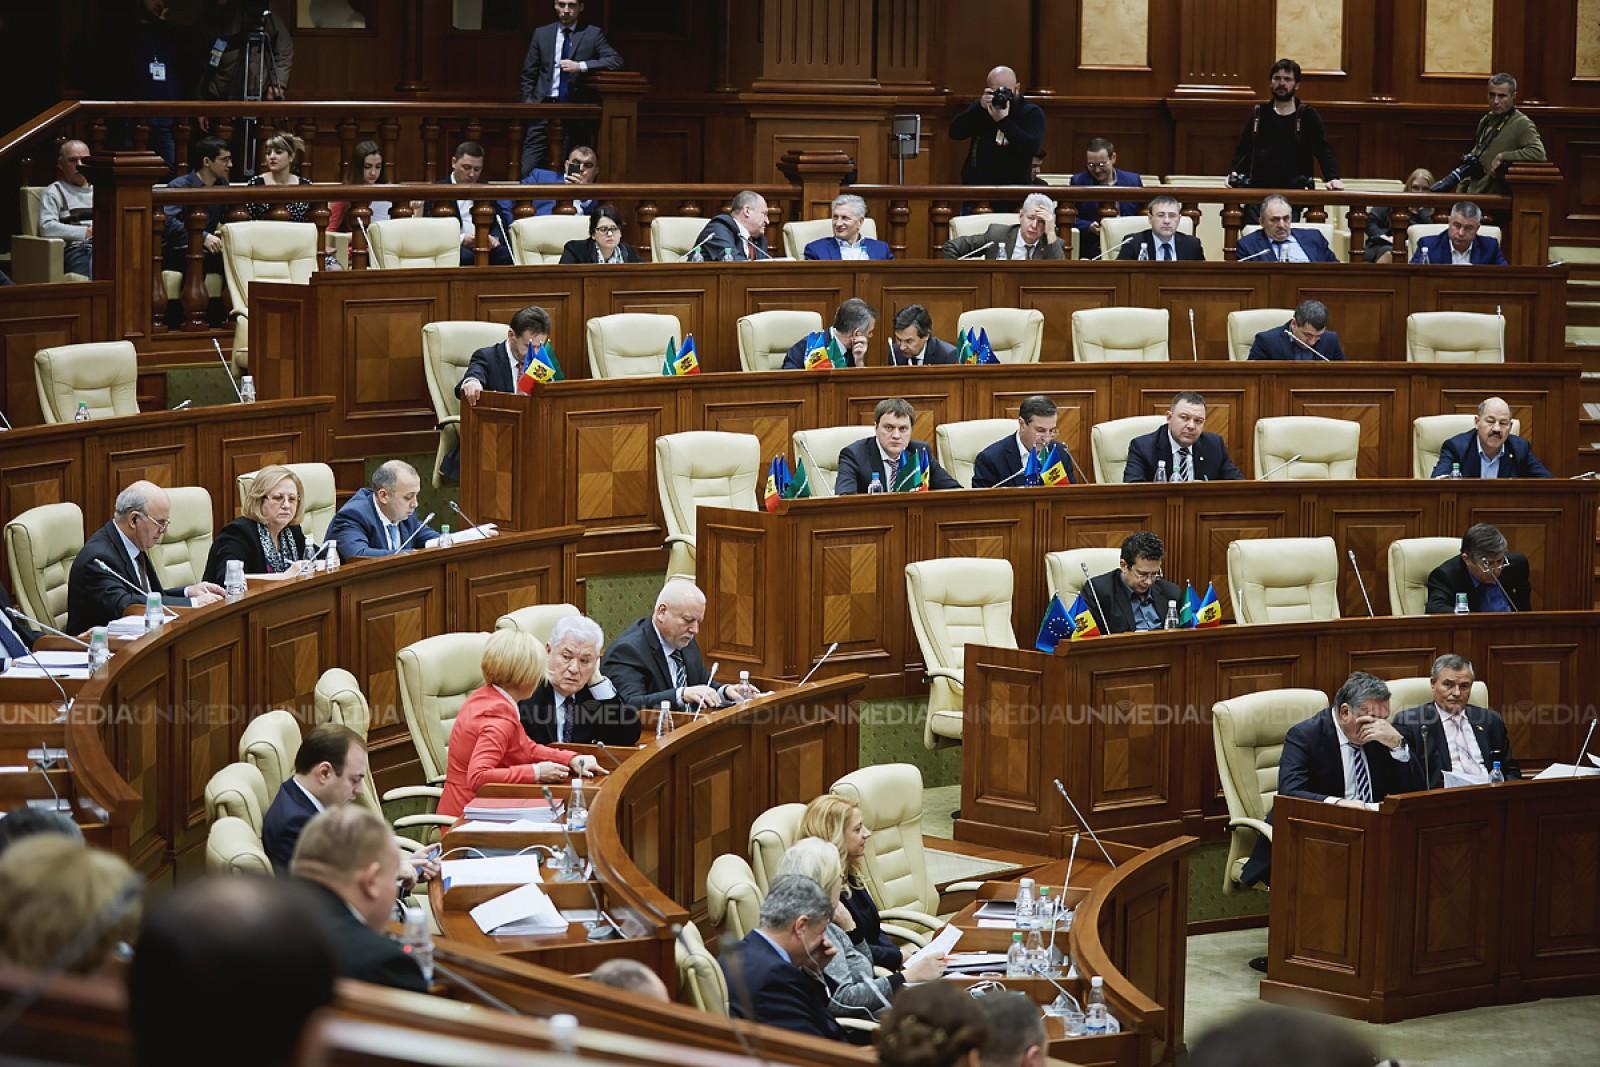 Munca asiduă a parlamentarilor: Câte proiecte de lege au adoptat în 2017